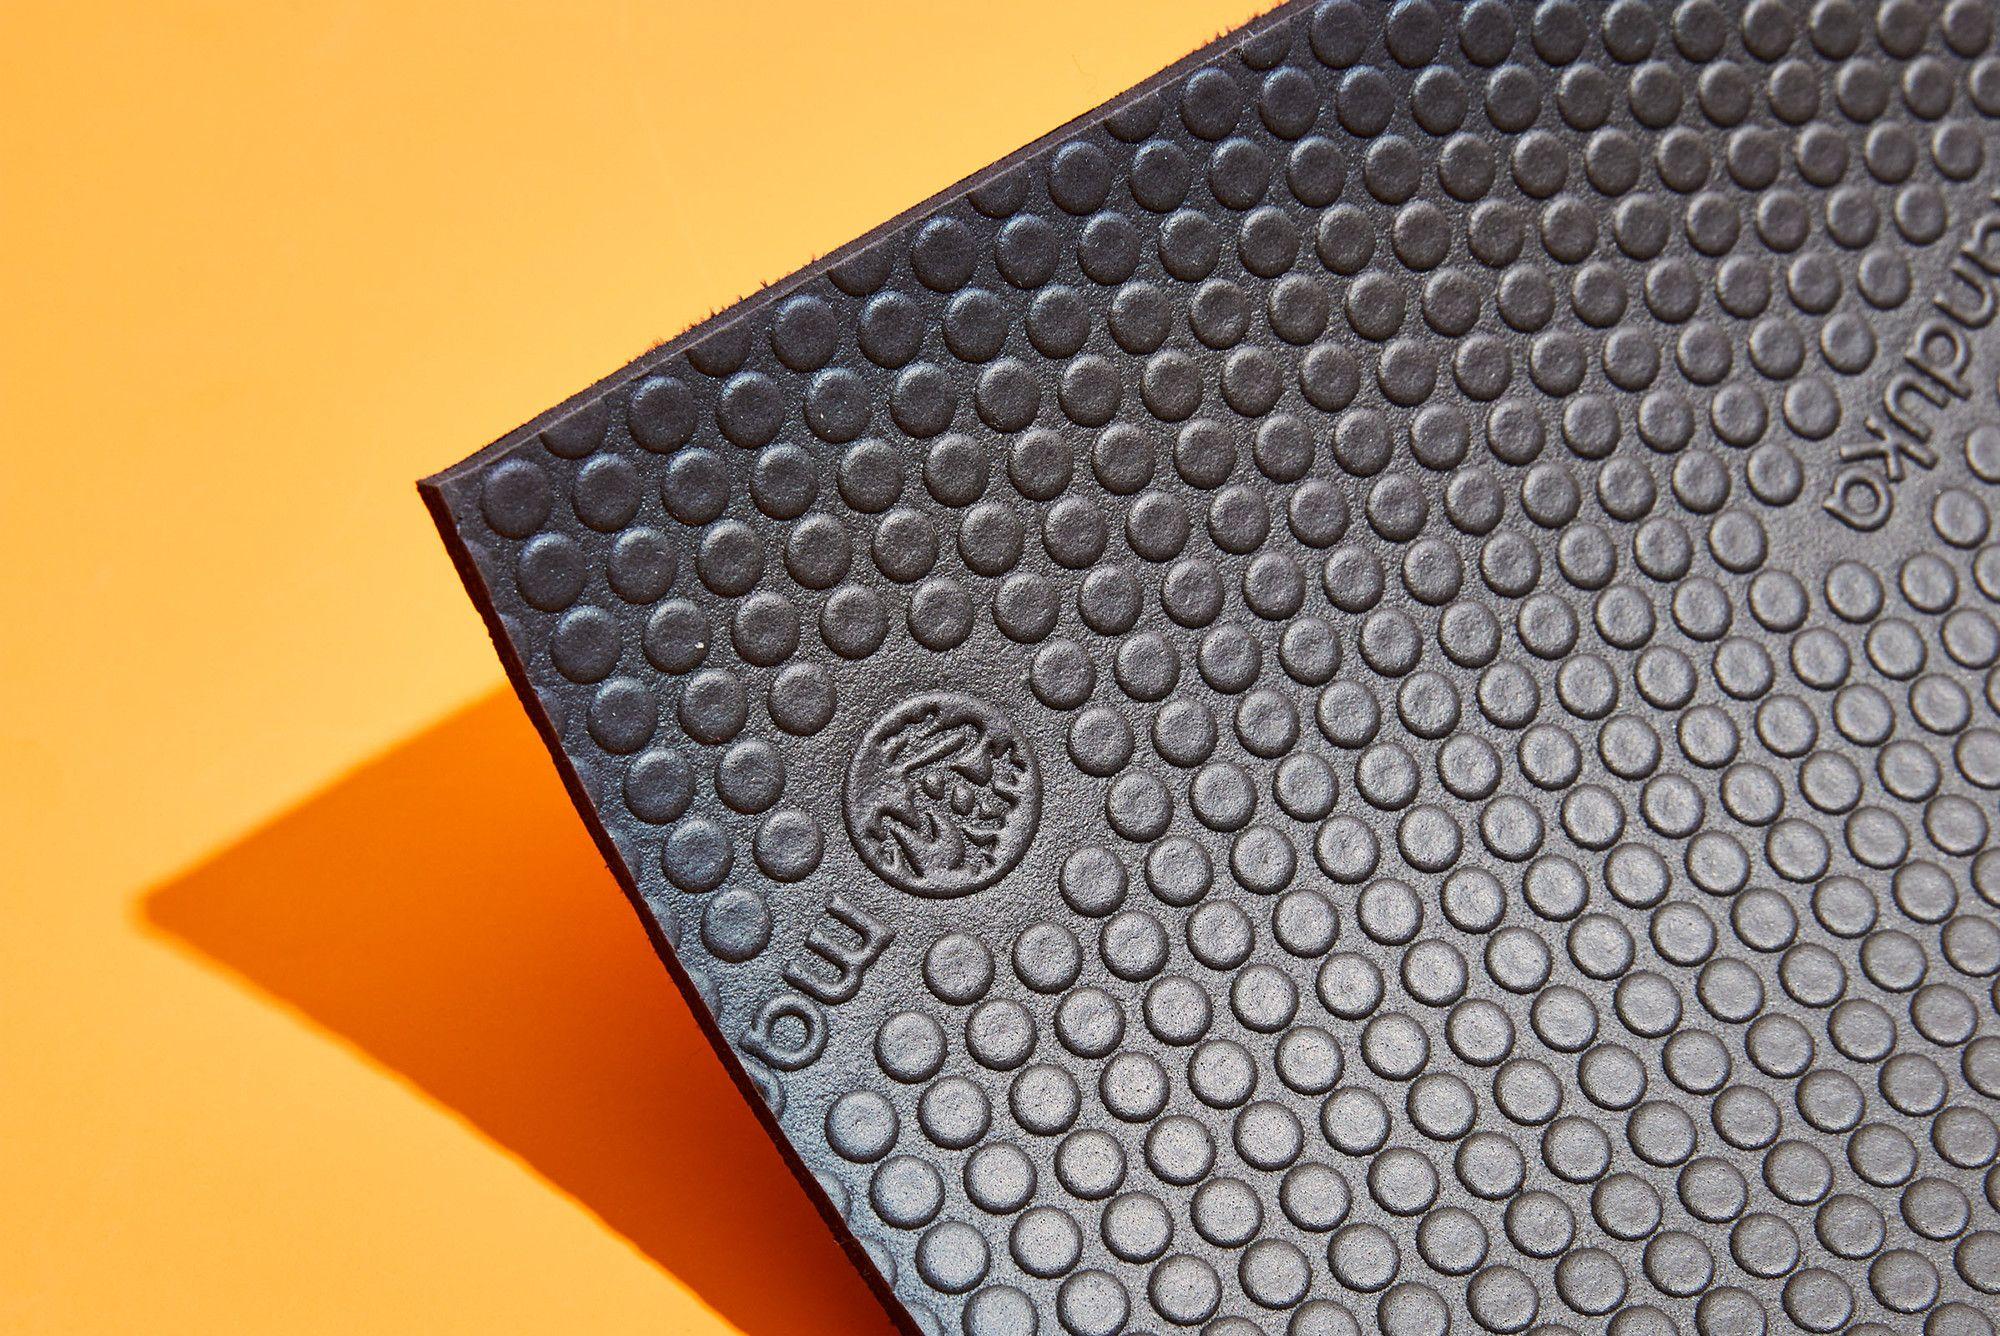 Best Hot Yoga Mat For Sweat Absorption Is Manduka Grp Mat